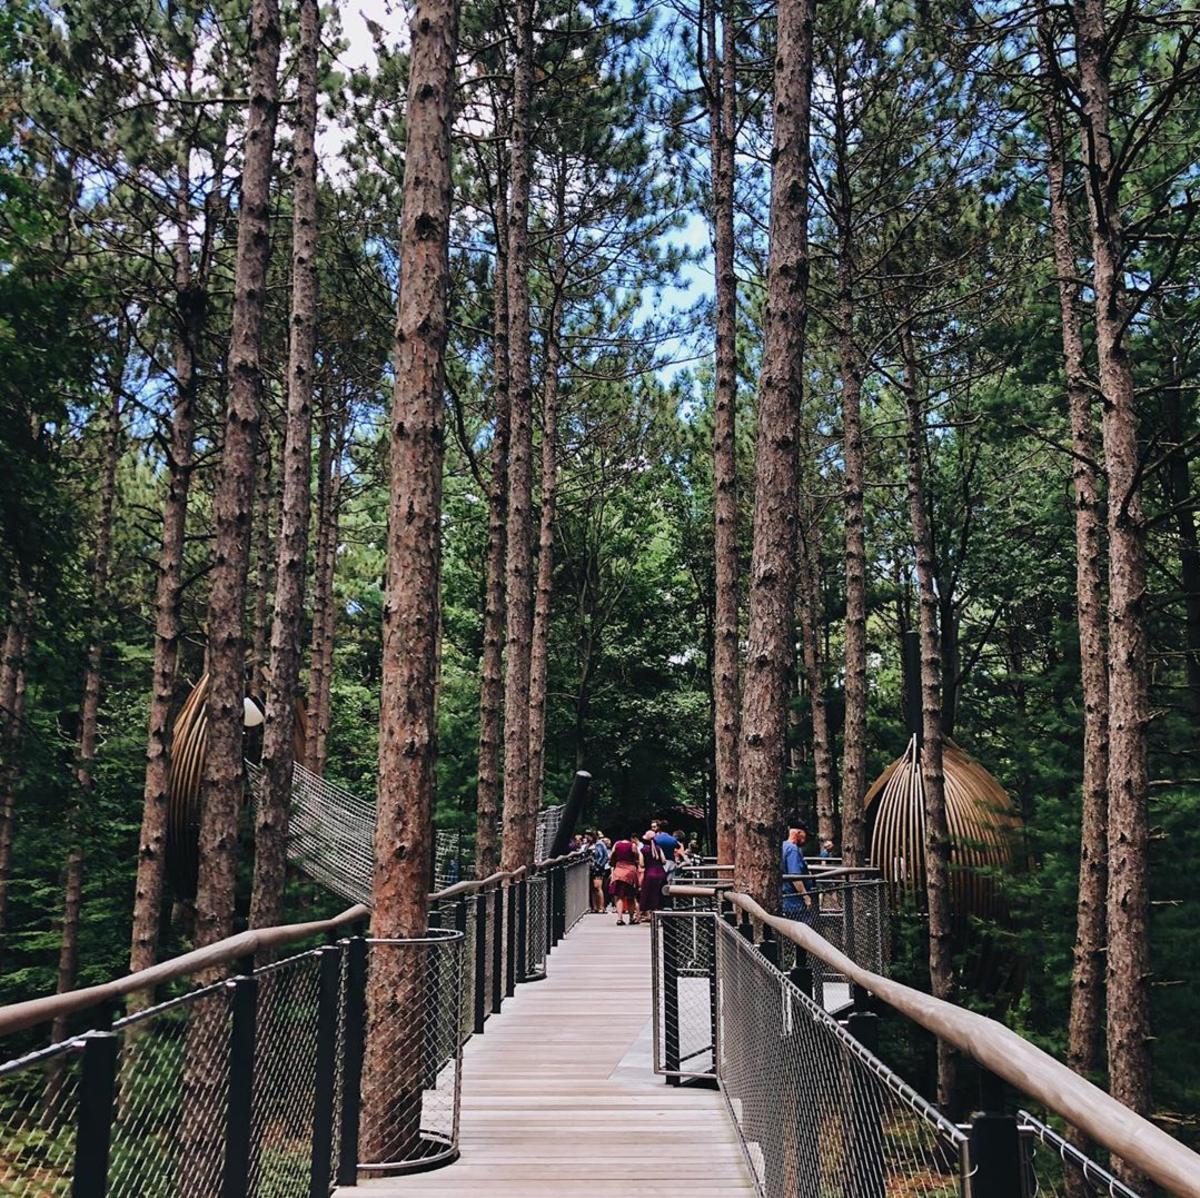 人们在陶氏花园的怀廷森林林冠散步,穿过一片高耸的松林